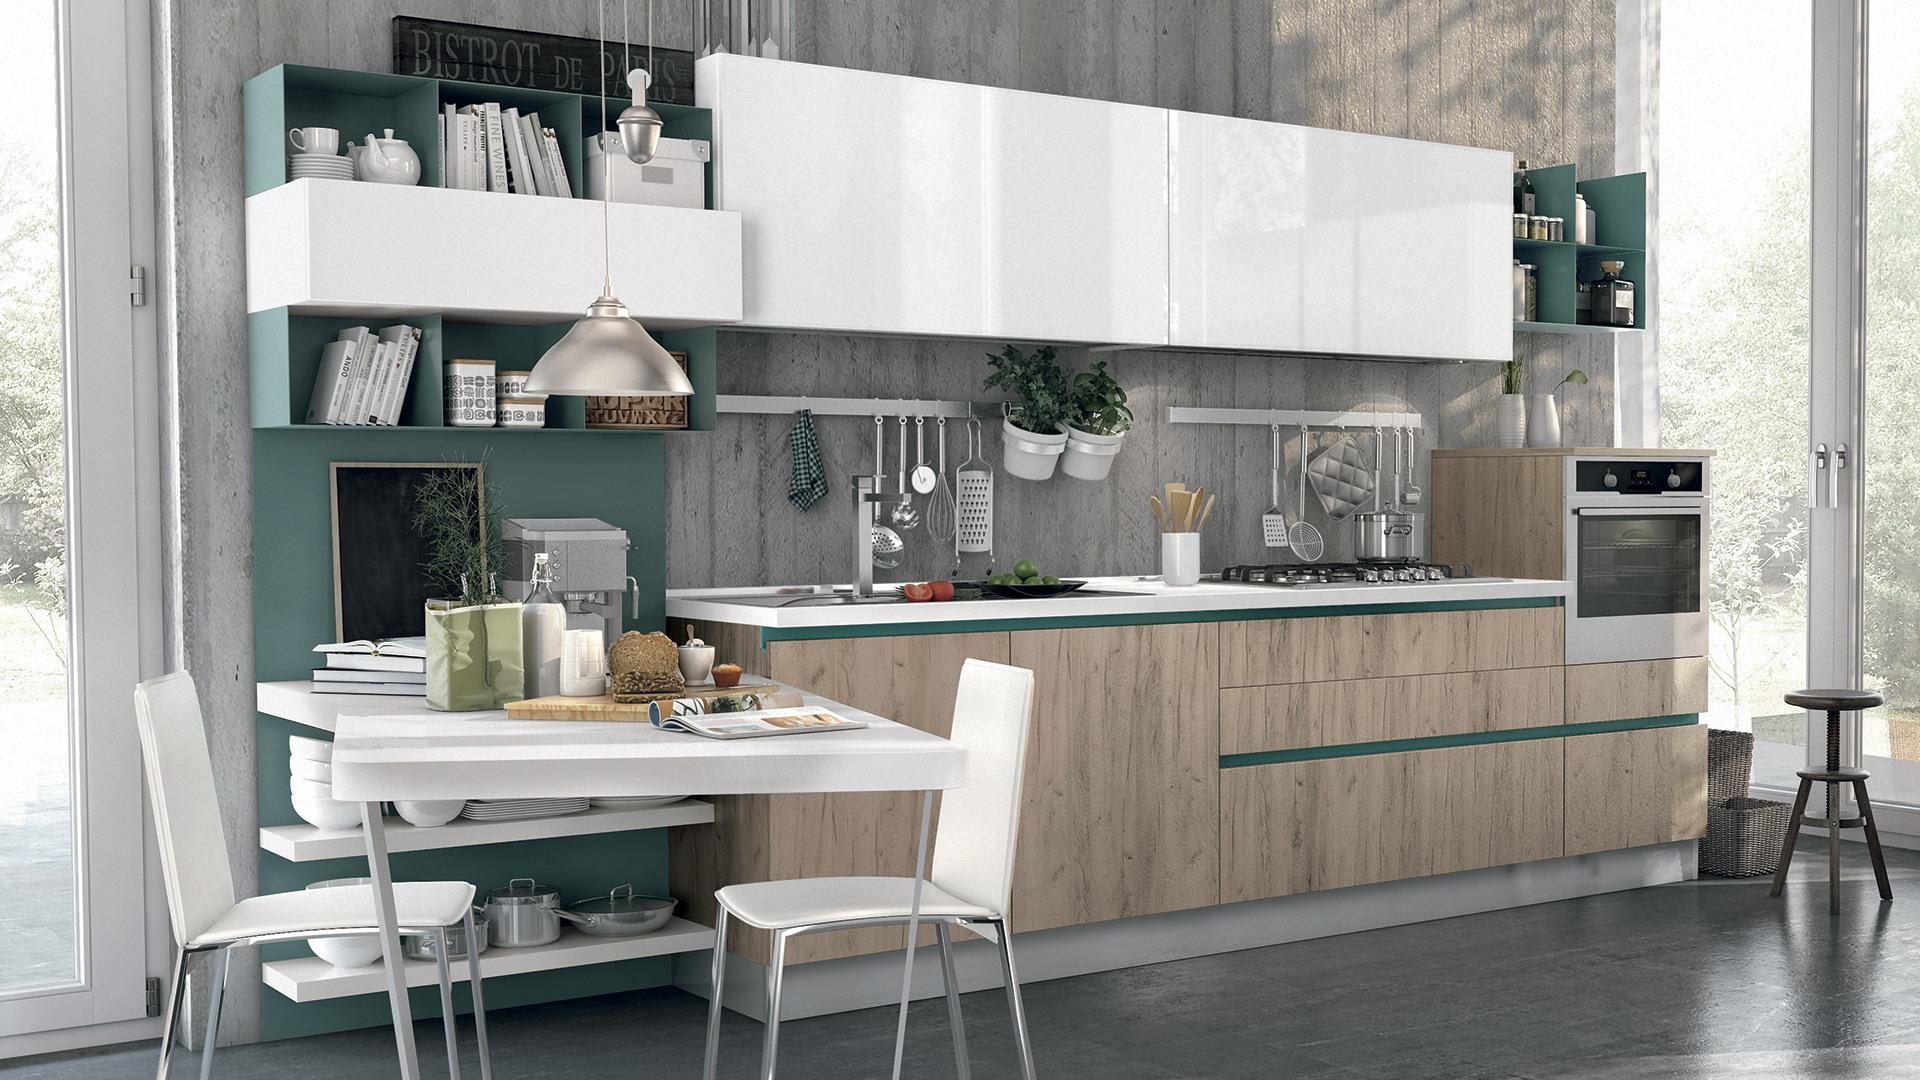 Cucine Moderne Bianche E Grigie Lube.Come Valorizzare Una Cucina Bianca Idee E Spunti Lube